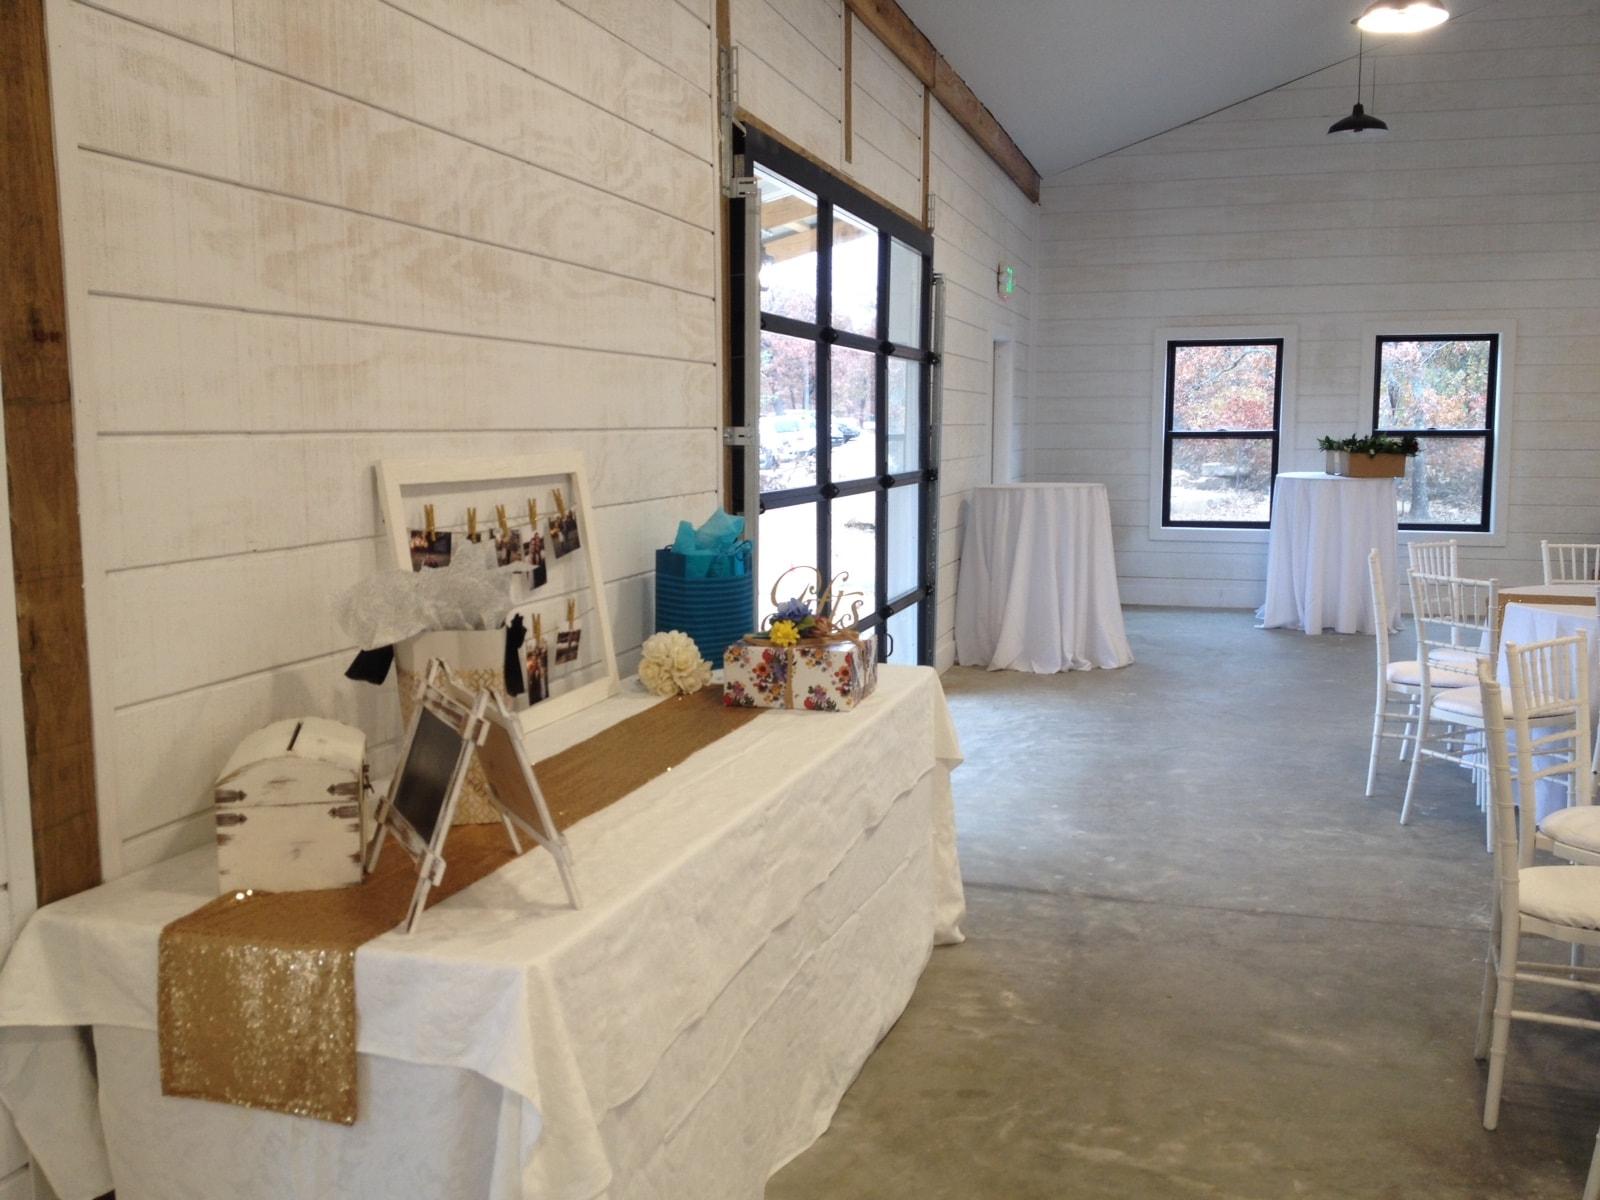 Harwood Mefford Wedding Dream Point Ranch Tulsa Wedding Venue 15-min.JPG